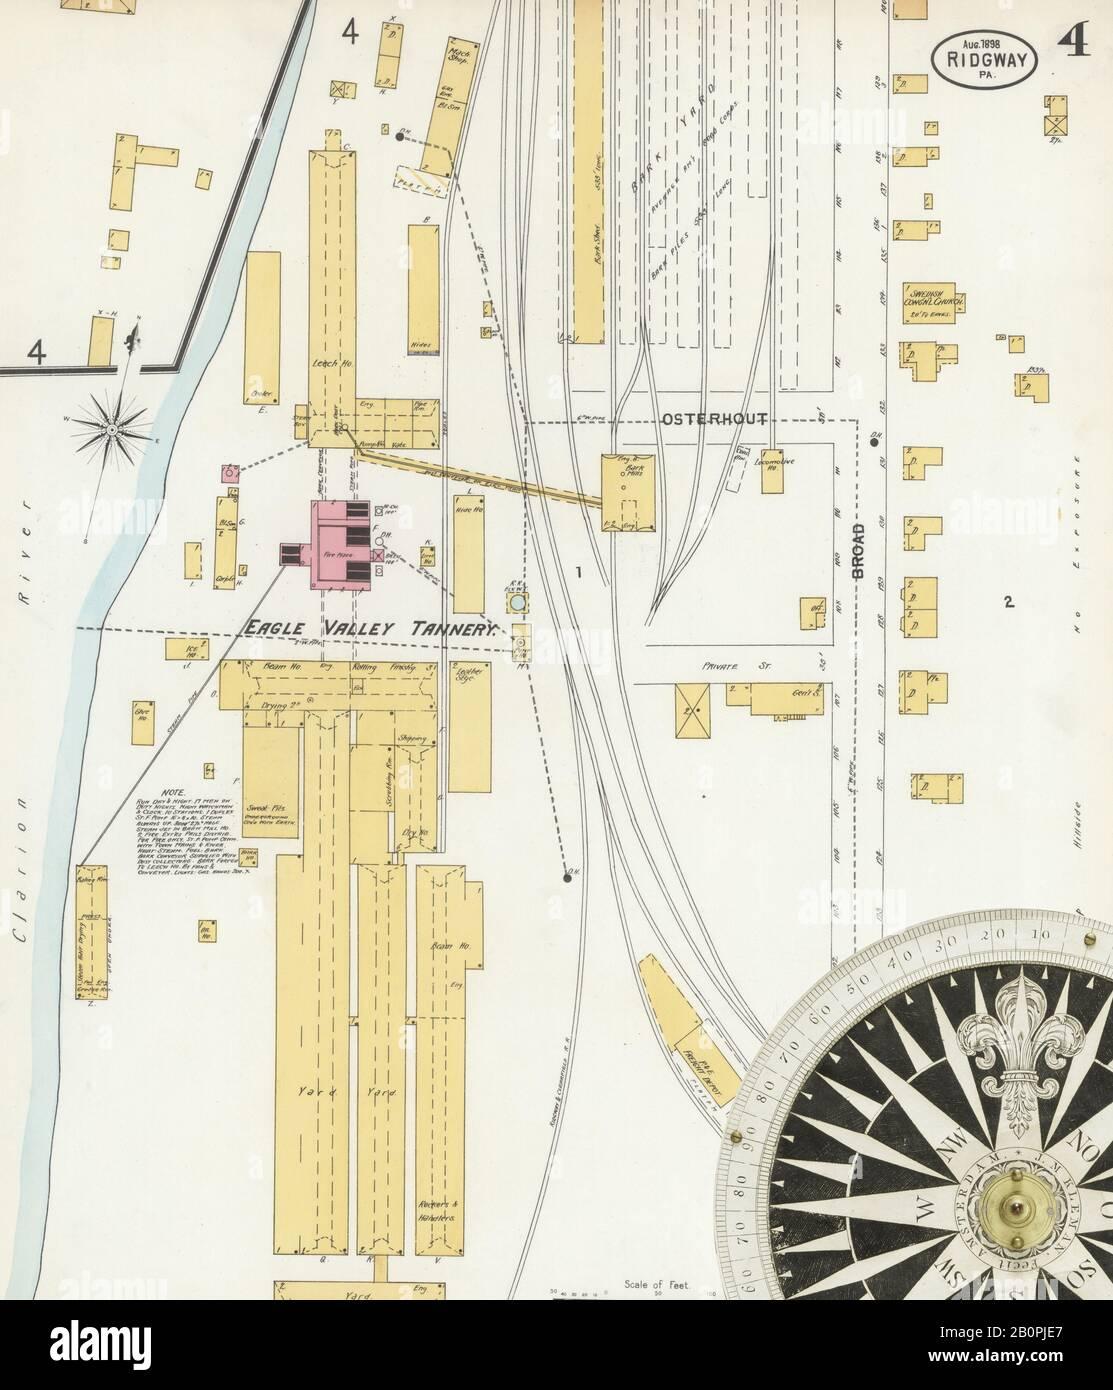 Image 4 De La Carte D'Assurance-Incendie Sanborn De Ridgway, Comté D'Elk, Pennsylvanie. Août 1898. 6 feuille(s), Amérique, plan de rue avec compas du XIXe siècle Banque D'Images